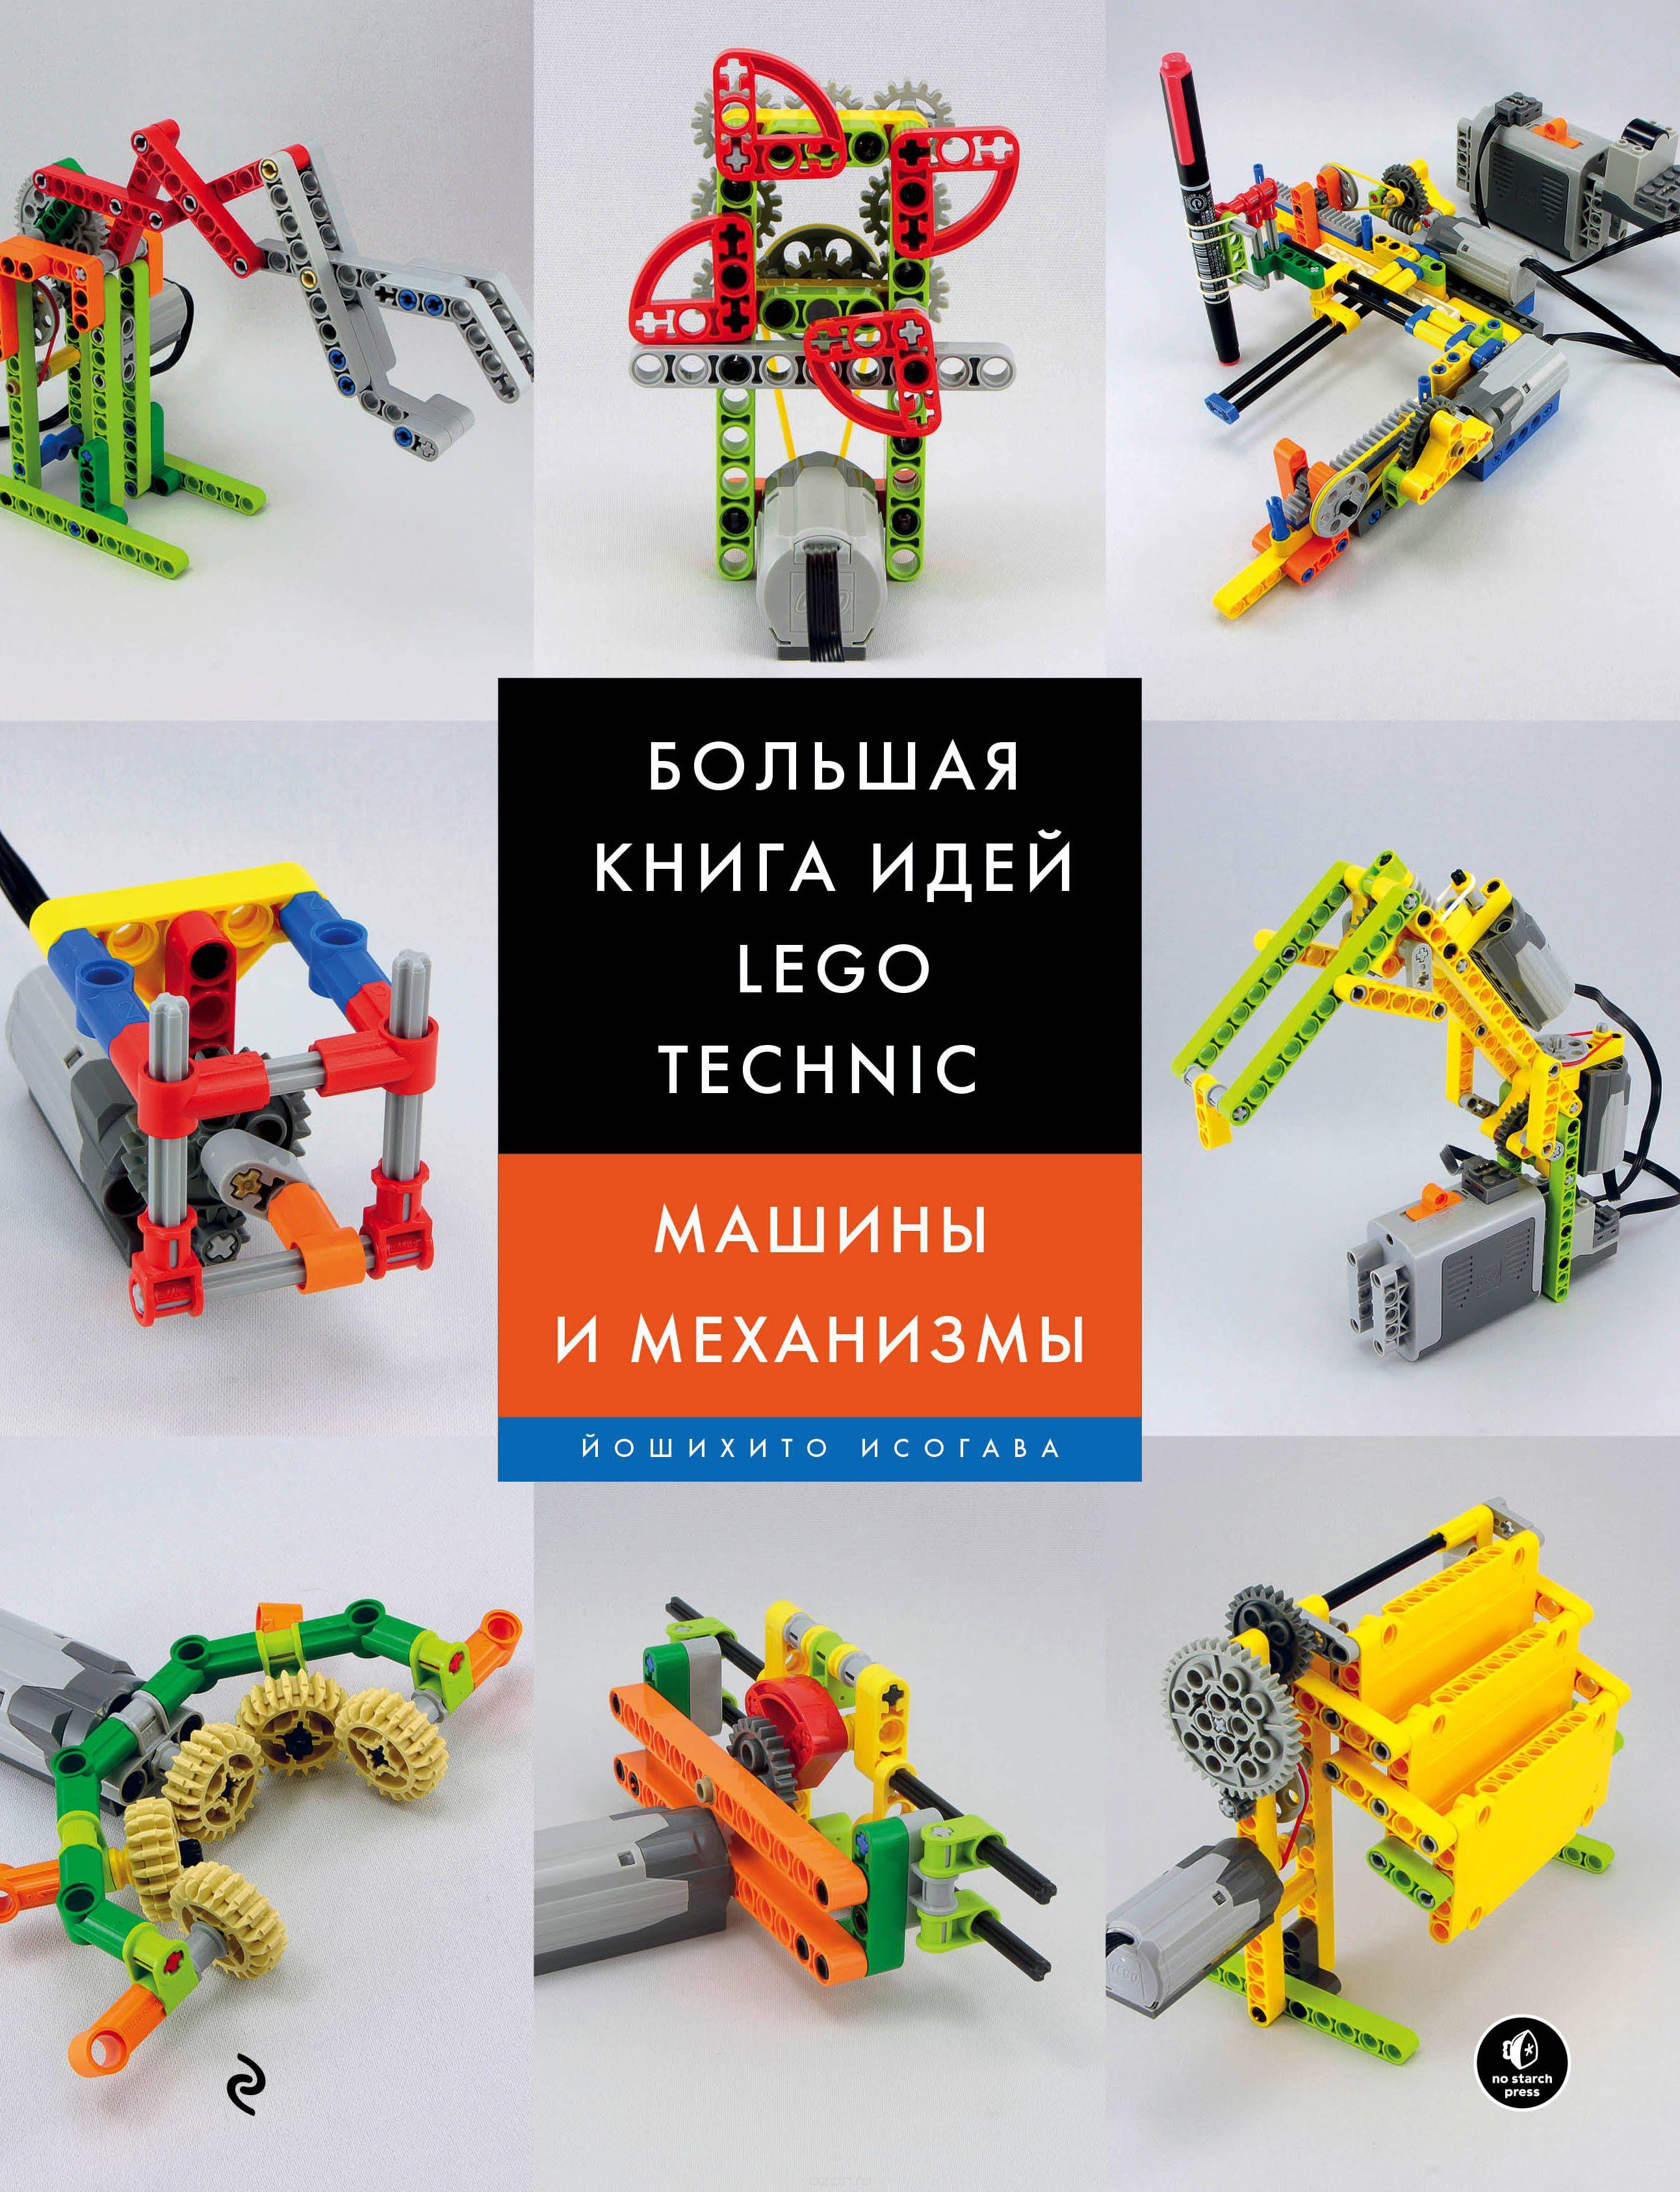 Йошихито Исогава - Большая книга идей LEGO Technic. Машины и механизмы